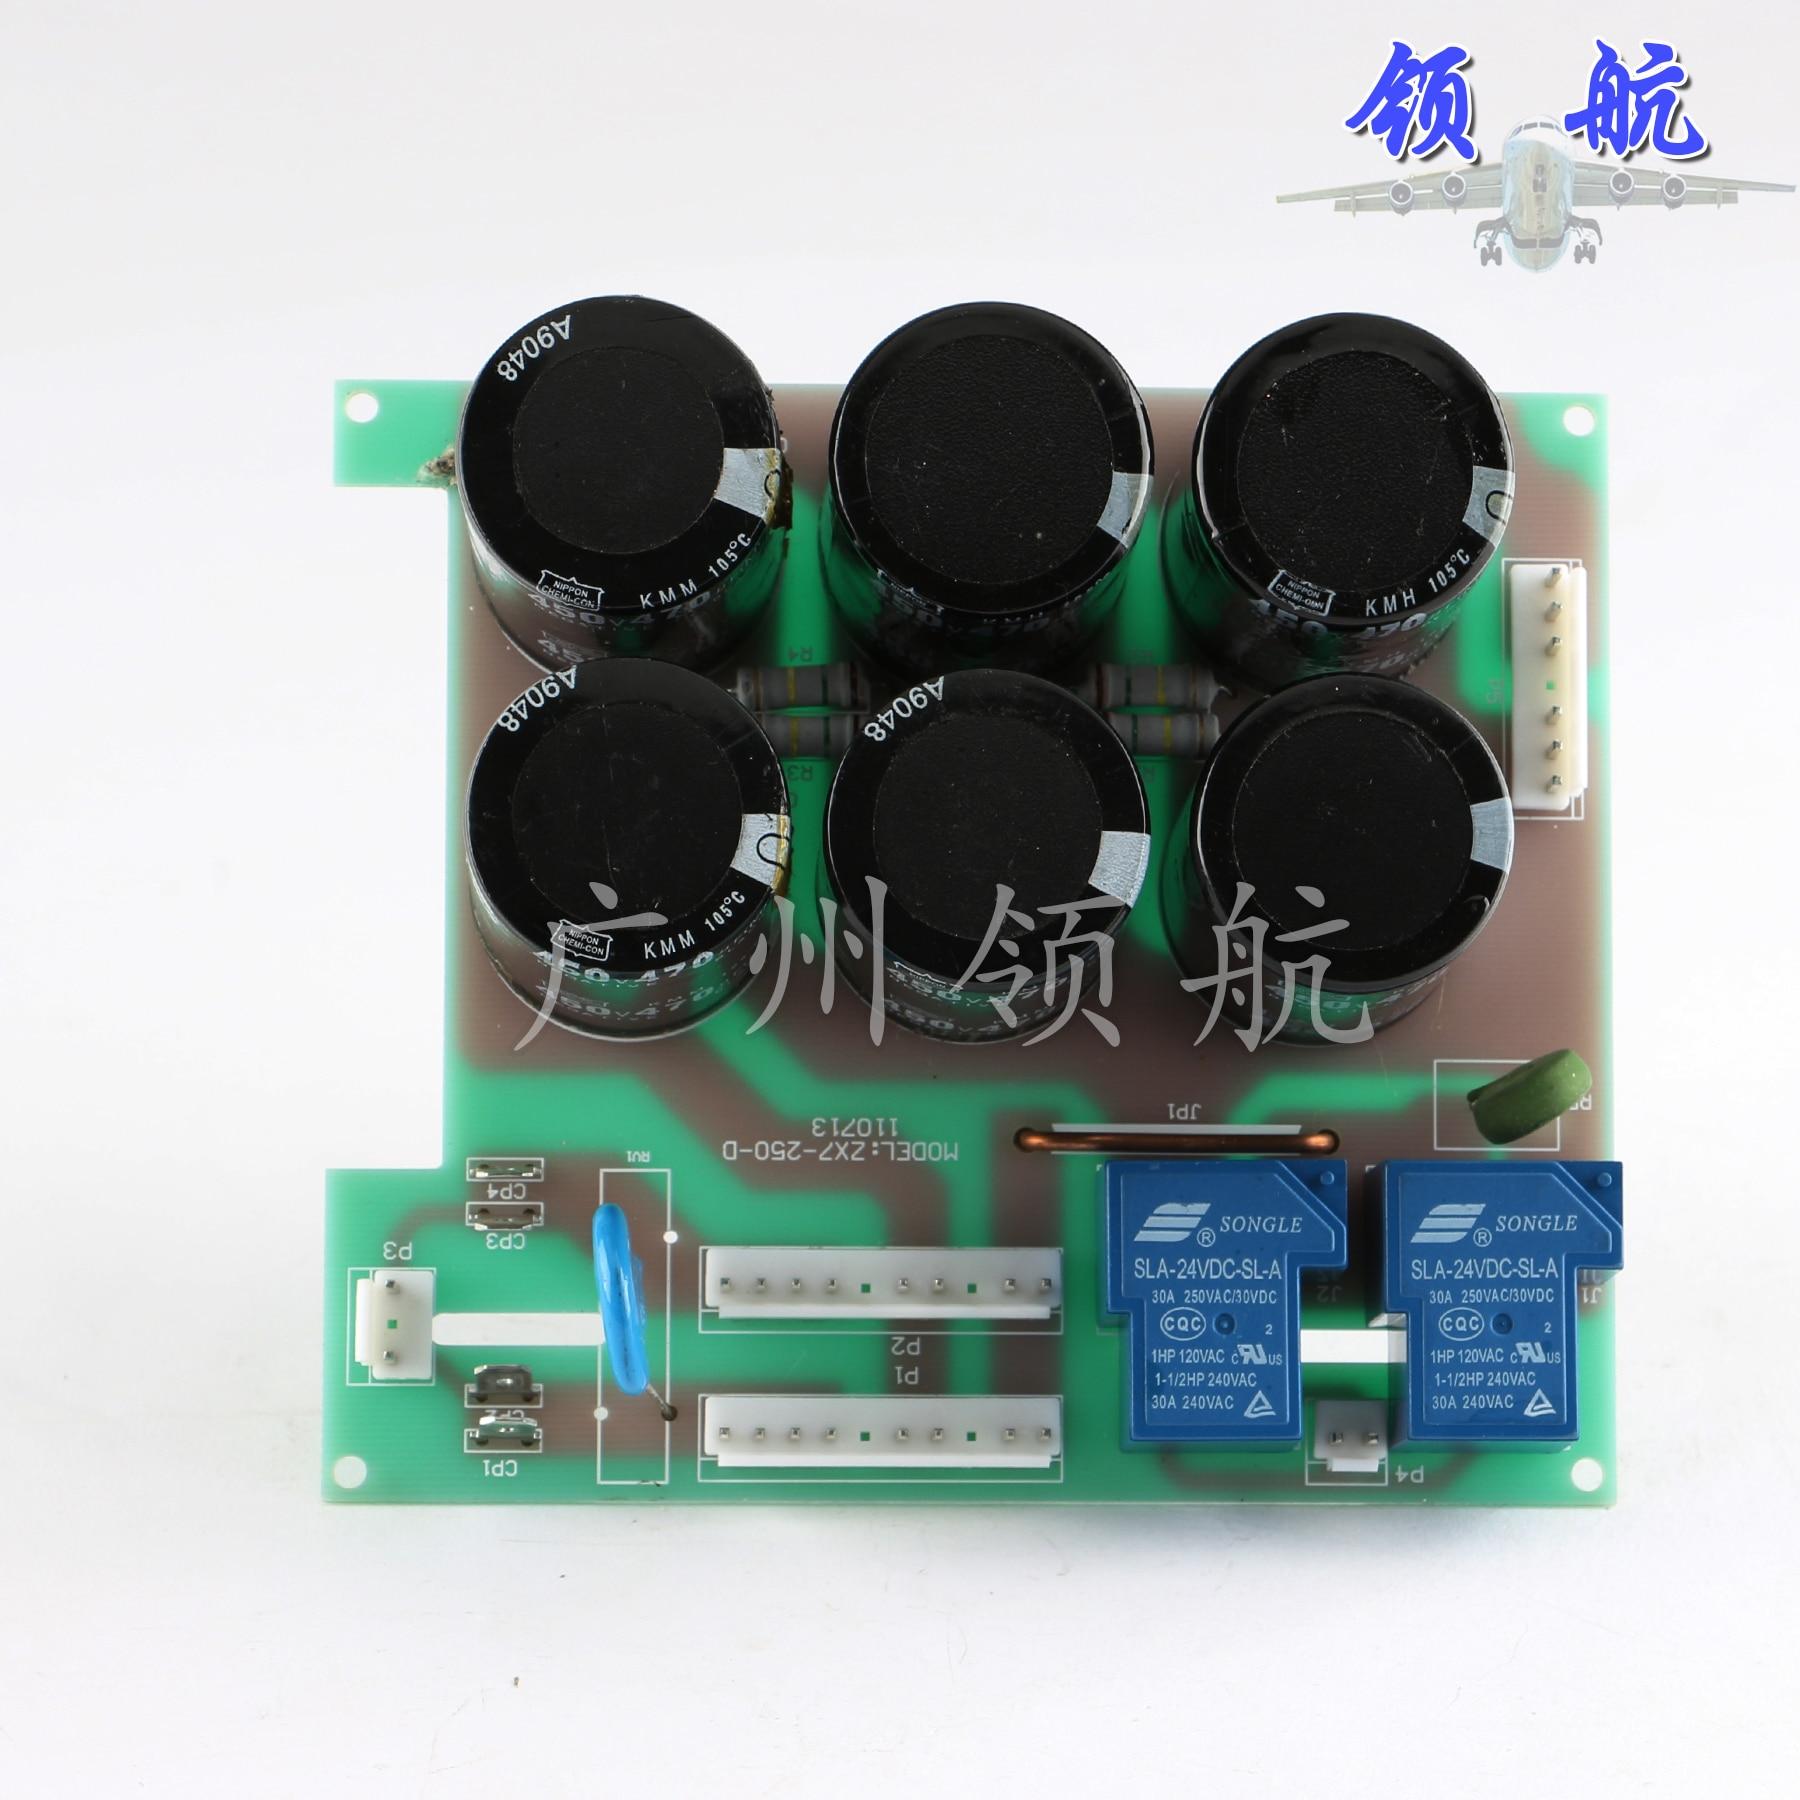 ZX7/ARC-250 Мощность/платы нижняя доска/электролитический/плате фазы сварочный аппарат постоянного тока